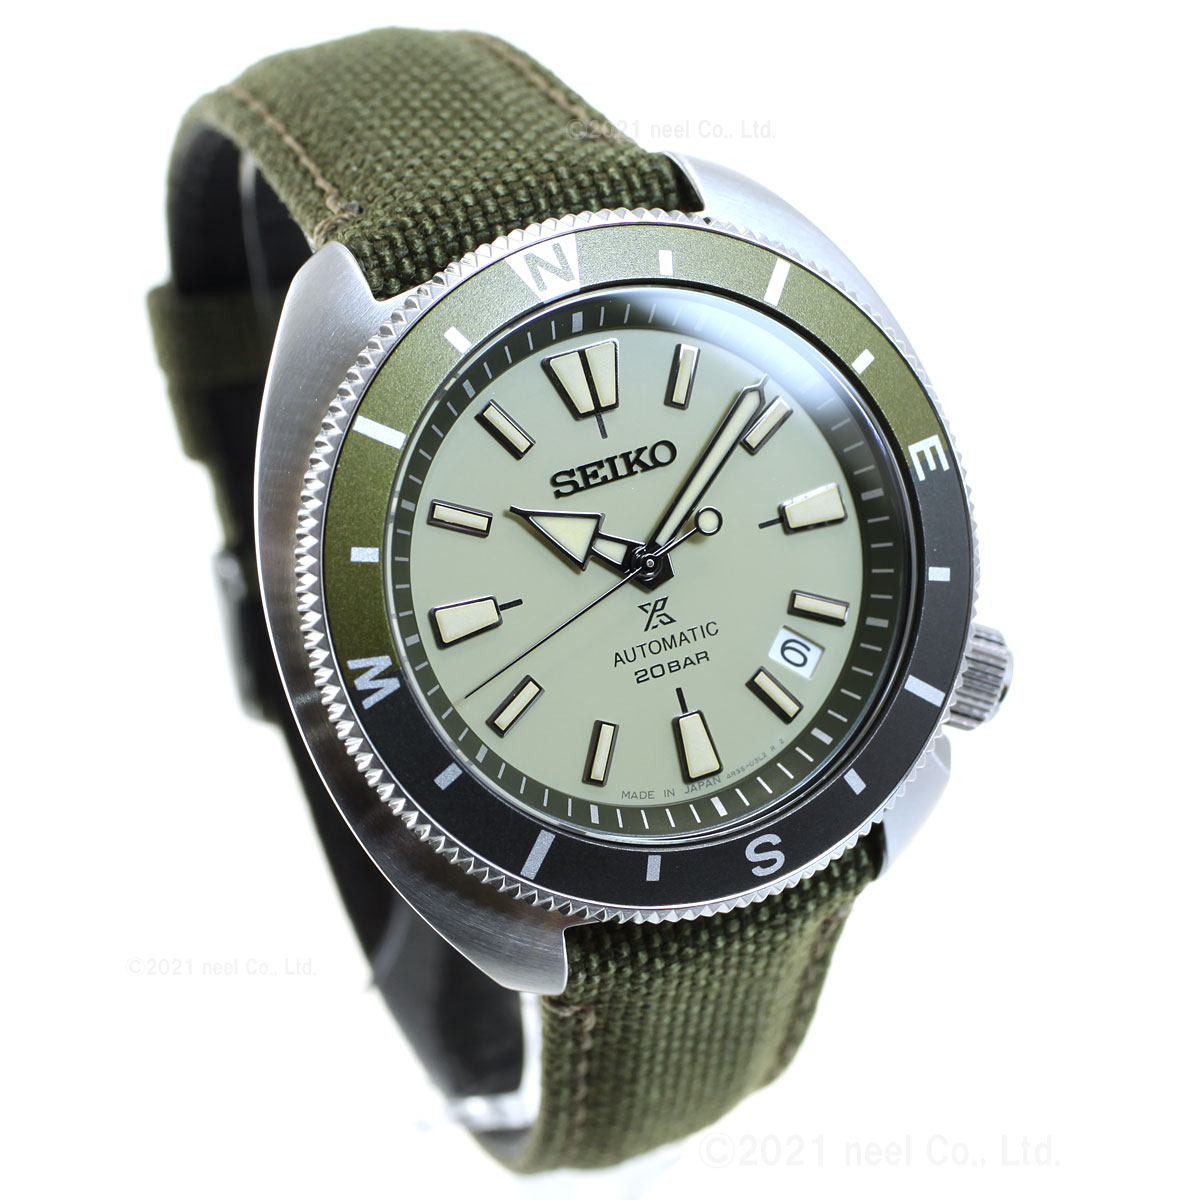 セイコー プロスペックス SEIKO PROSPEX フィールドマスター FIELDMASTER メカニカル 自動巻き 腕時計 メンズ SBDY099